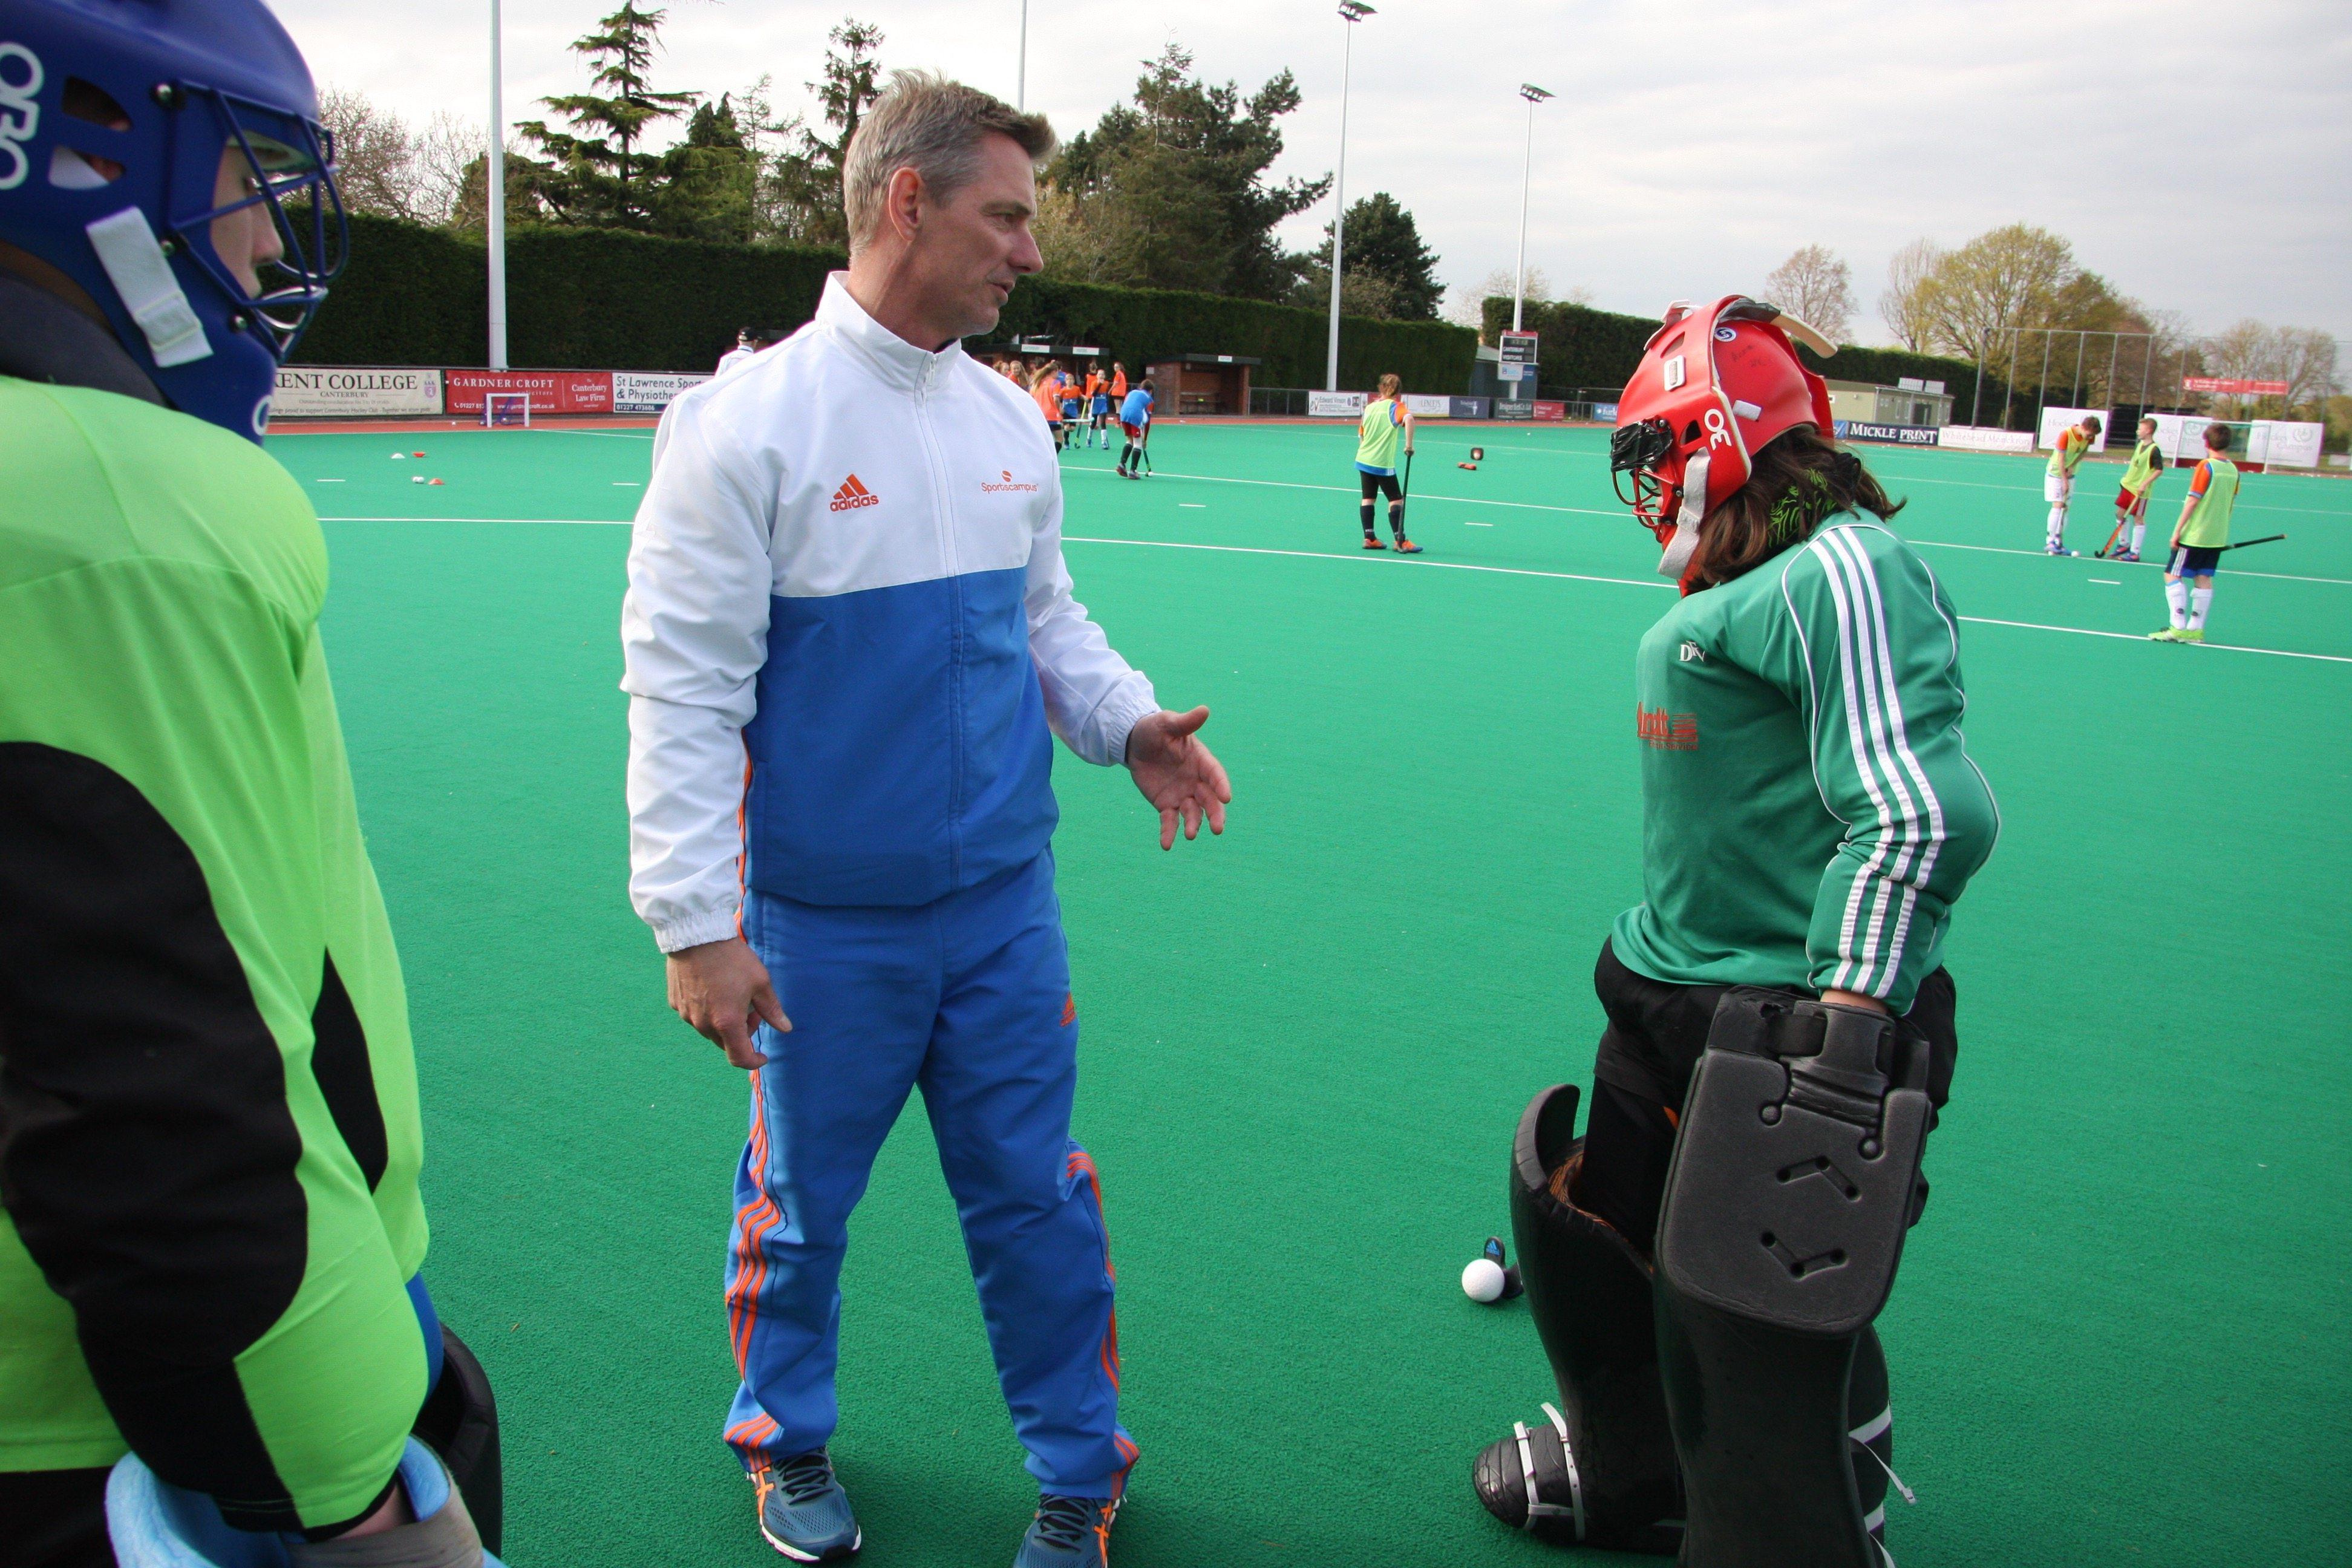 Personal Torwart Coaching – Das gibt es nur bei Sportscampus